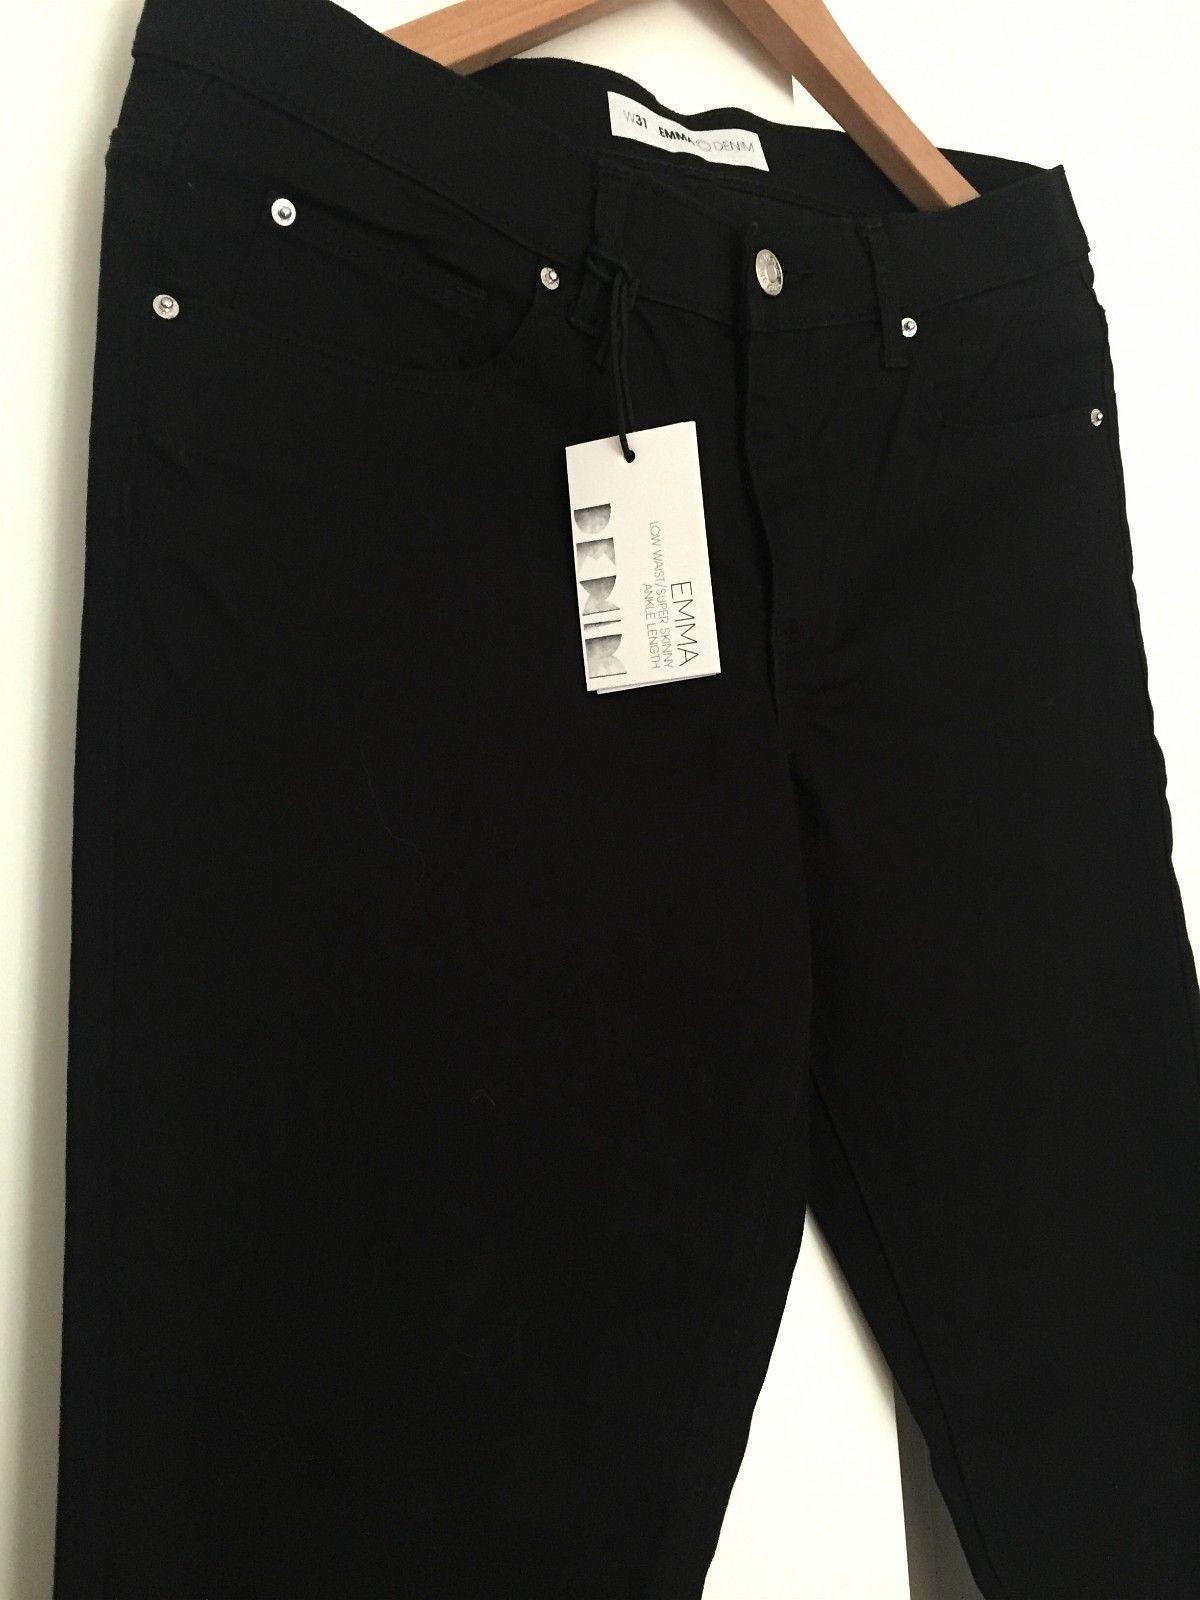 Bukse svart fra Cubus   FINN.no